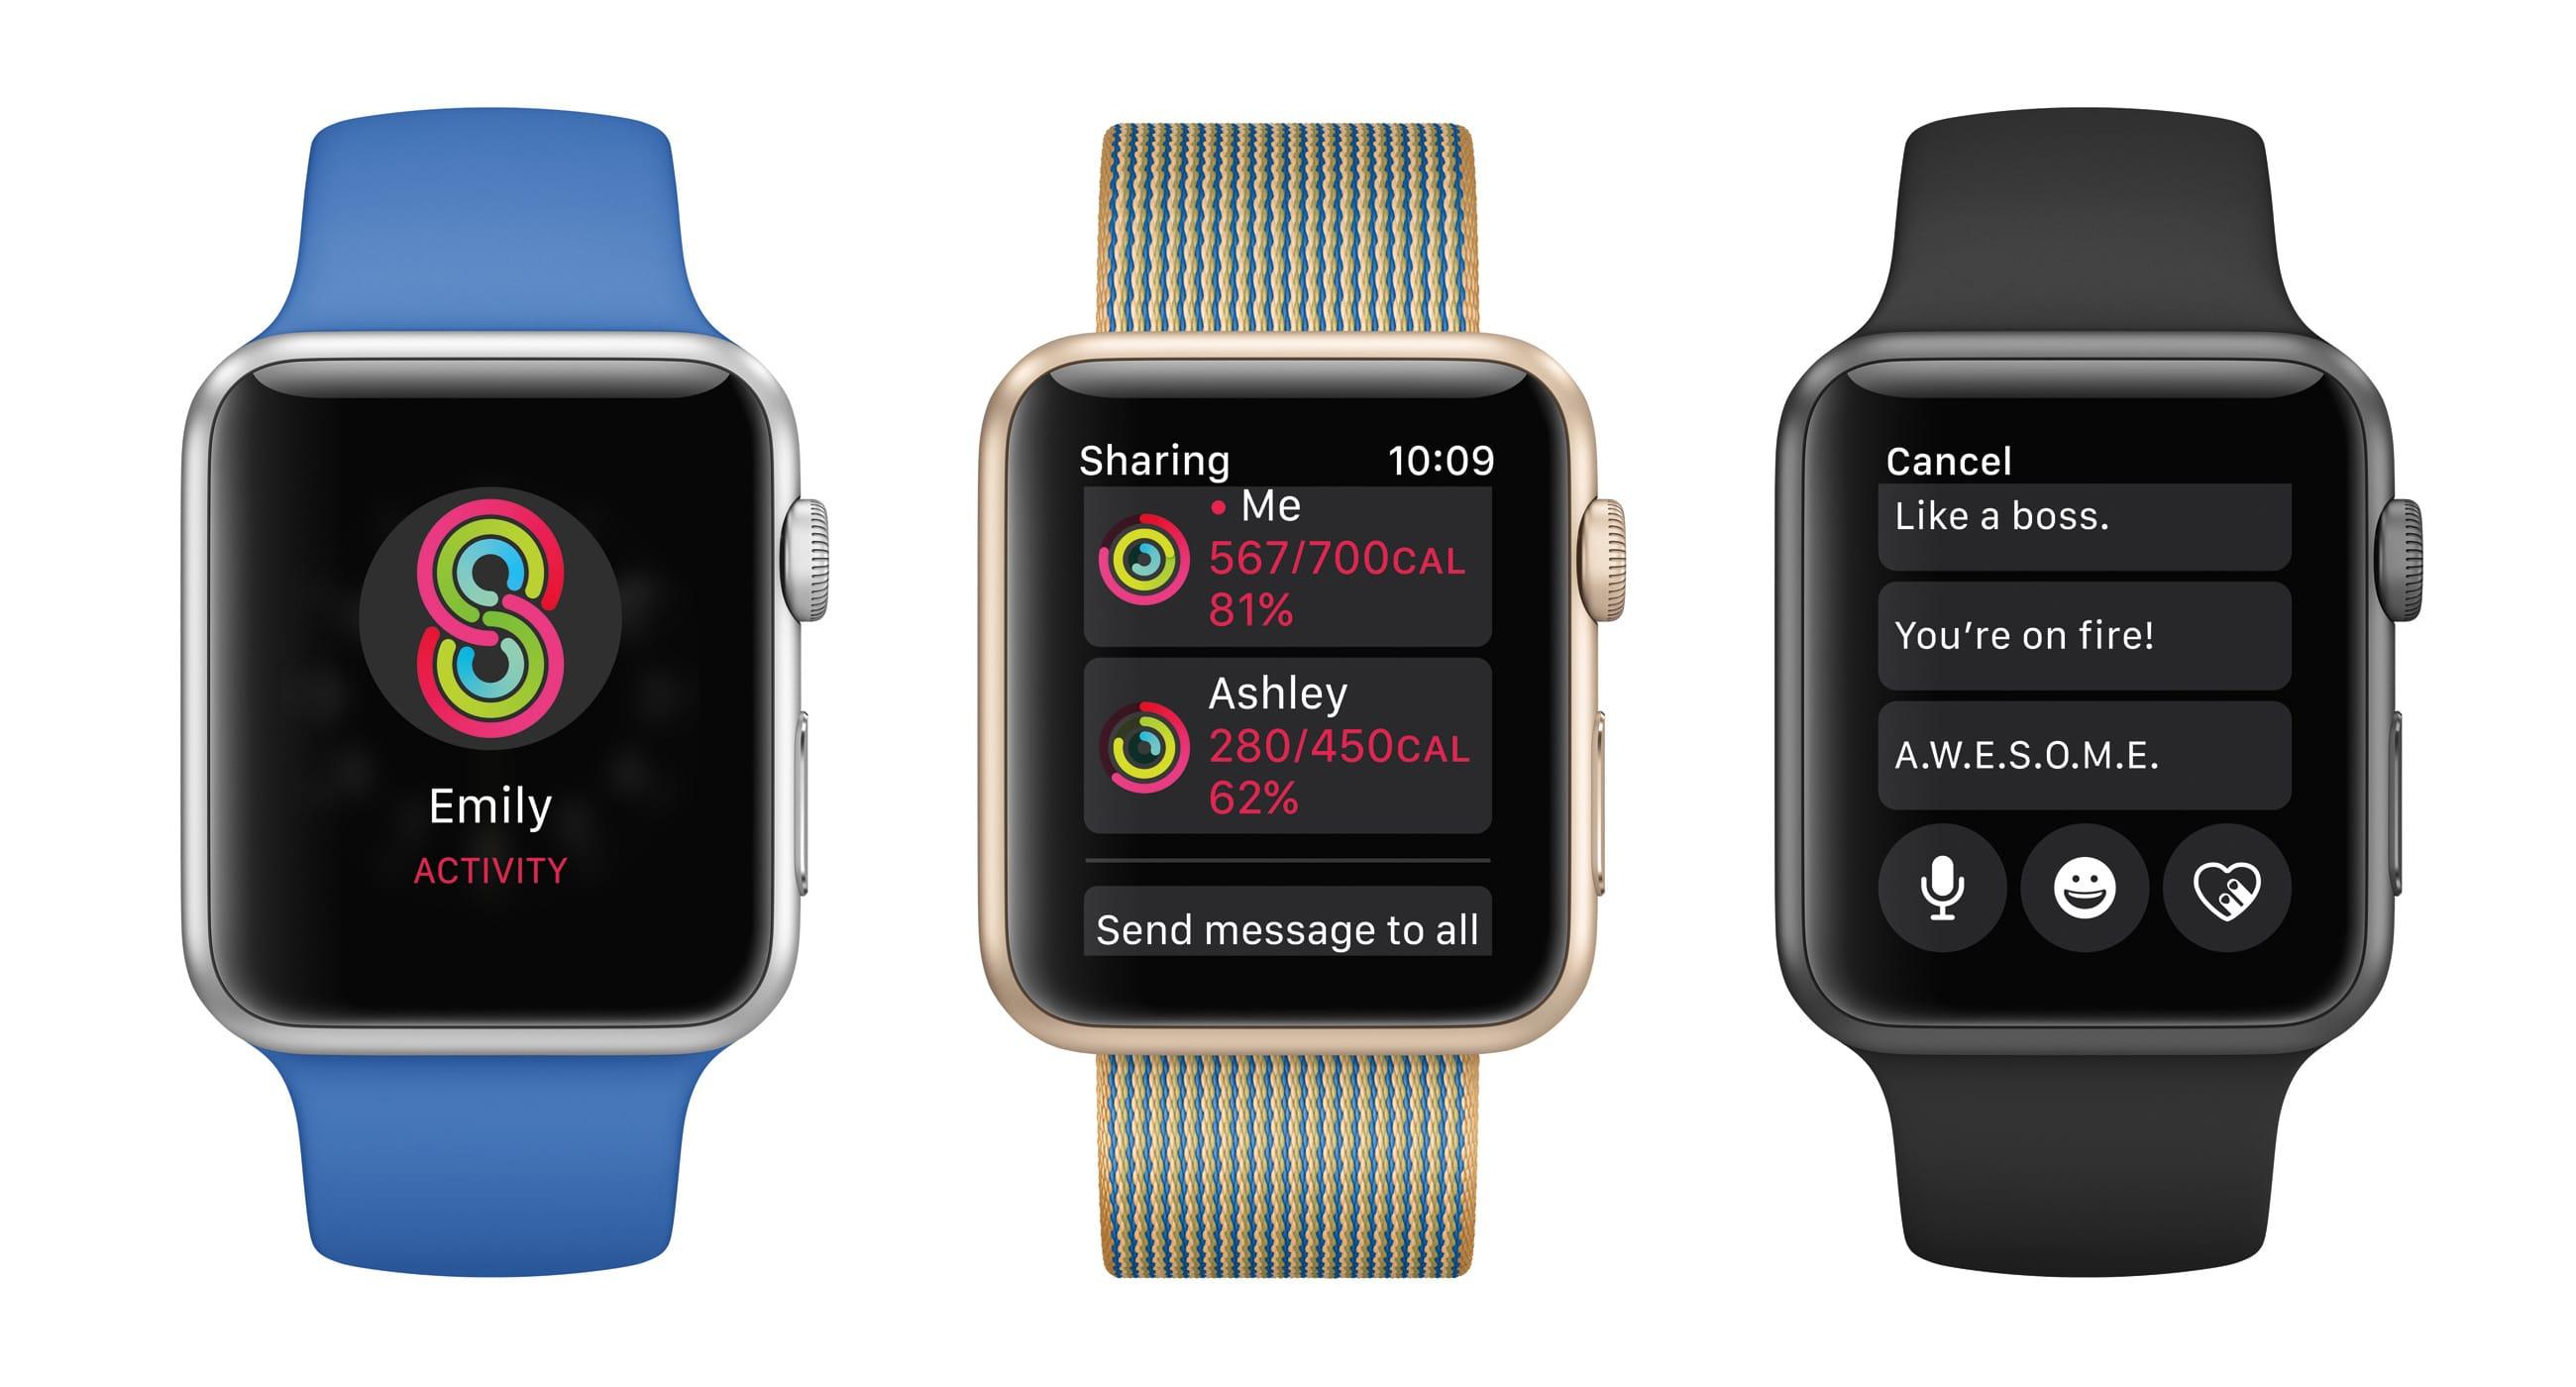 watchos3_activity-nowe-lub-przeprojektowane-aplikacje-apple